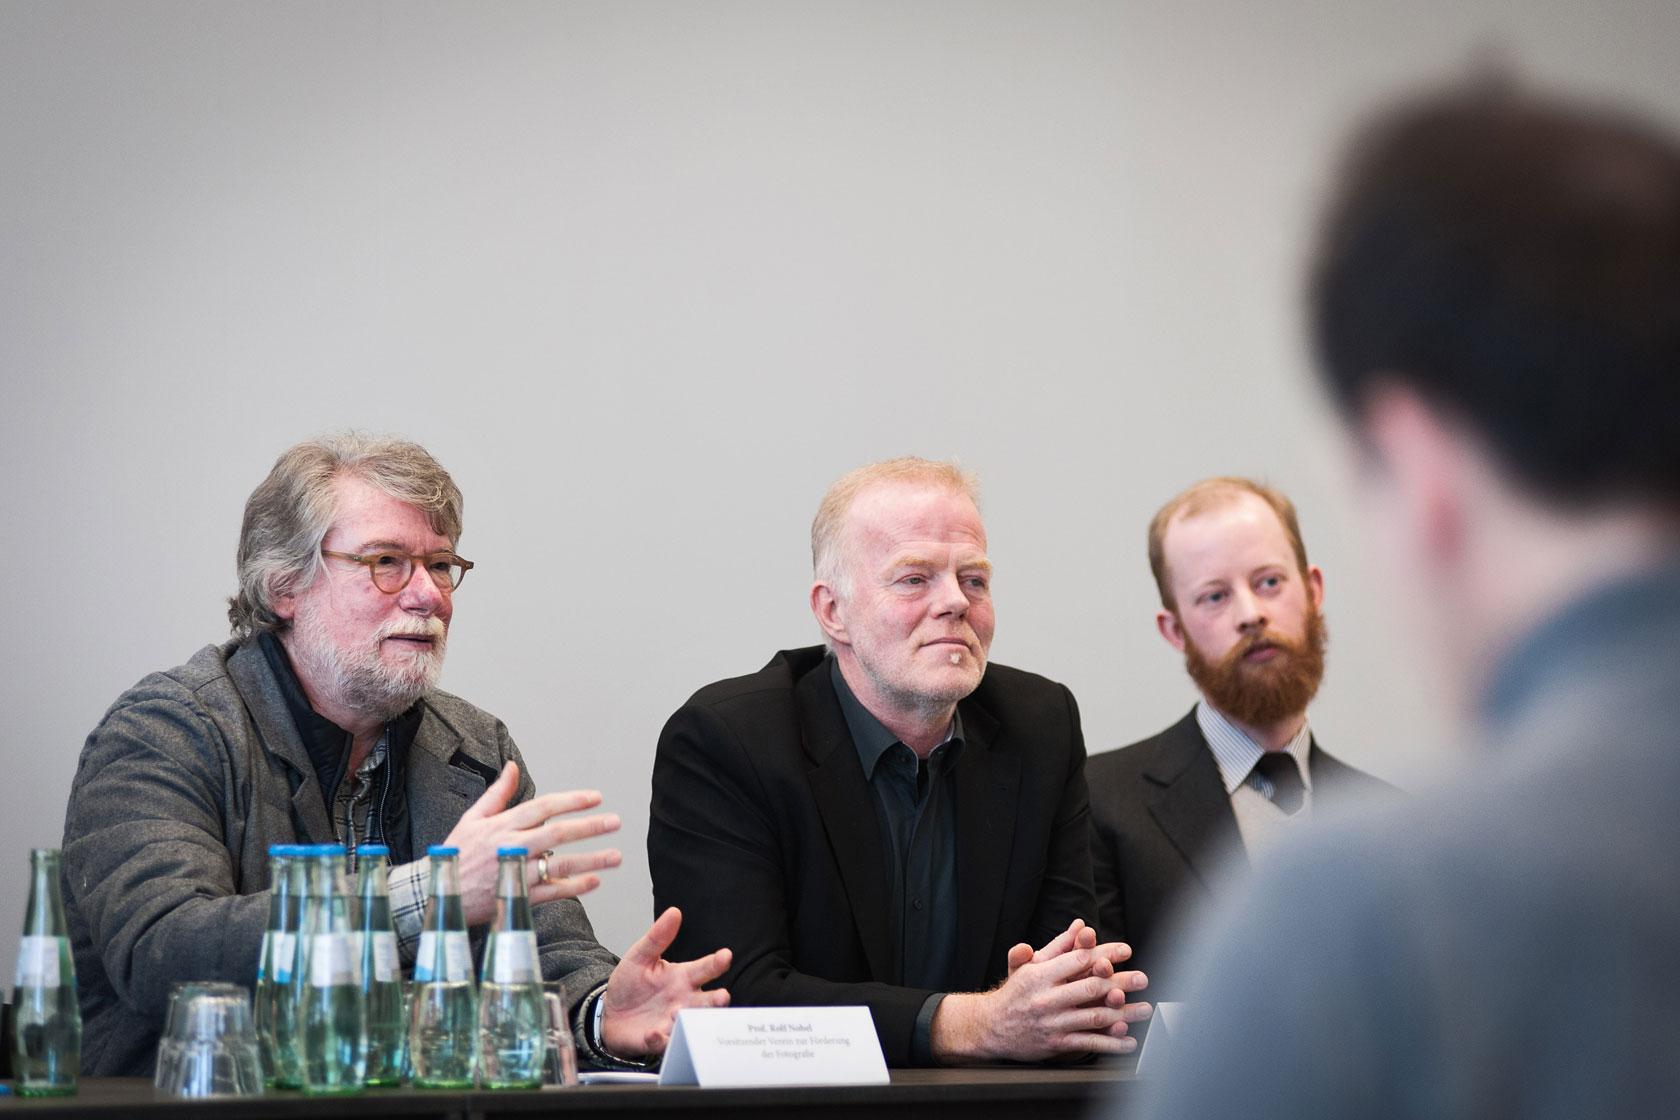 Prof. Rolf Nobel mit Architekt Bernd Rokahr, von dem der Entwurf für die Umgestaltung der Räume in der Blauen Halle stammt, und Martin Smolka, einem der Leiter der Galerie.